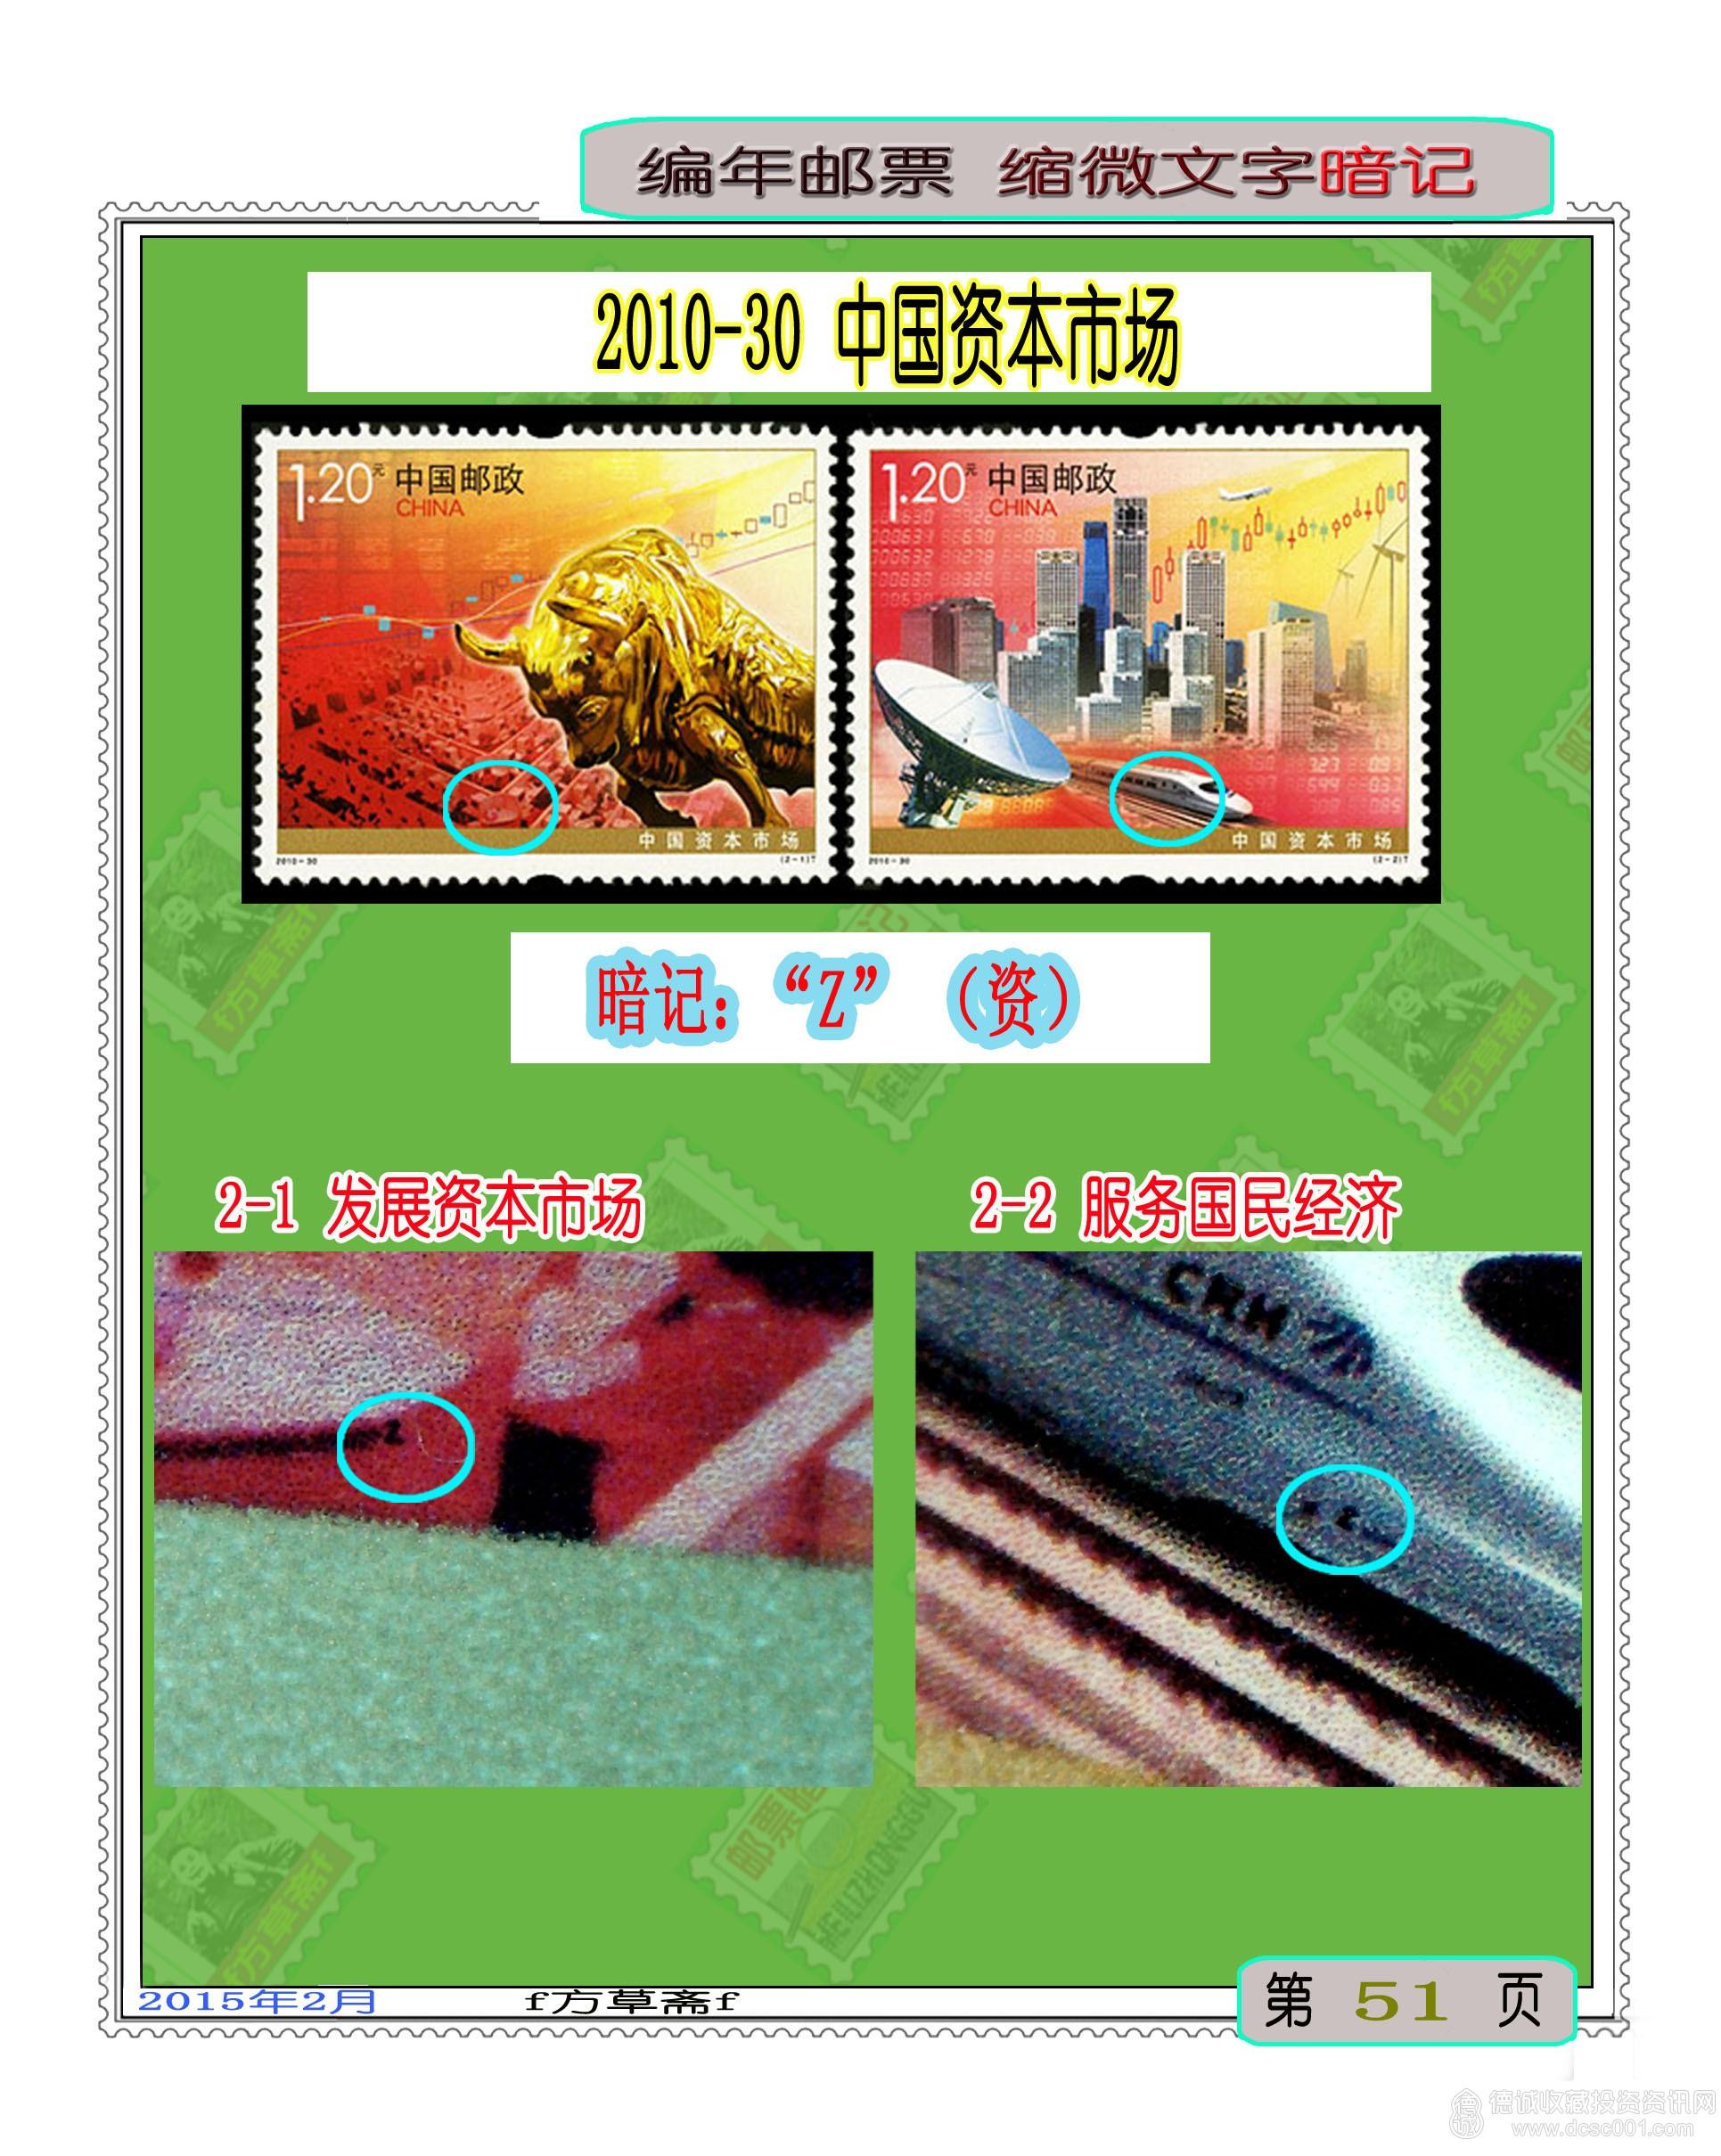 2010-30中国资本市场-1.jpg